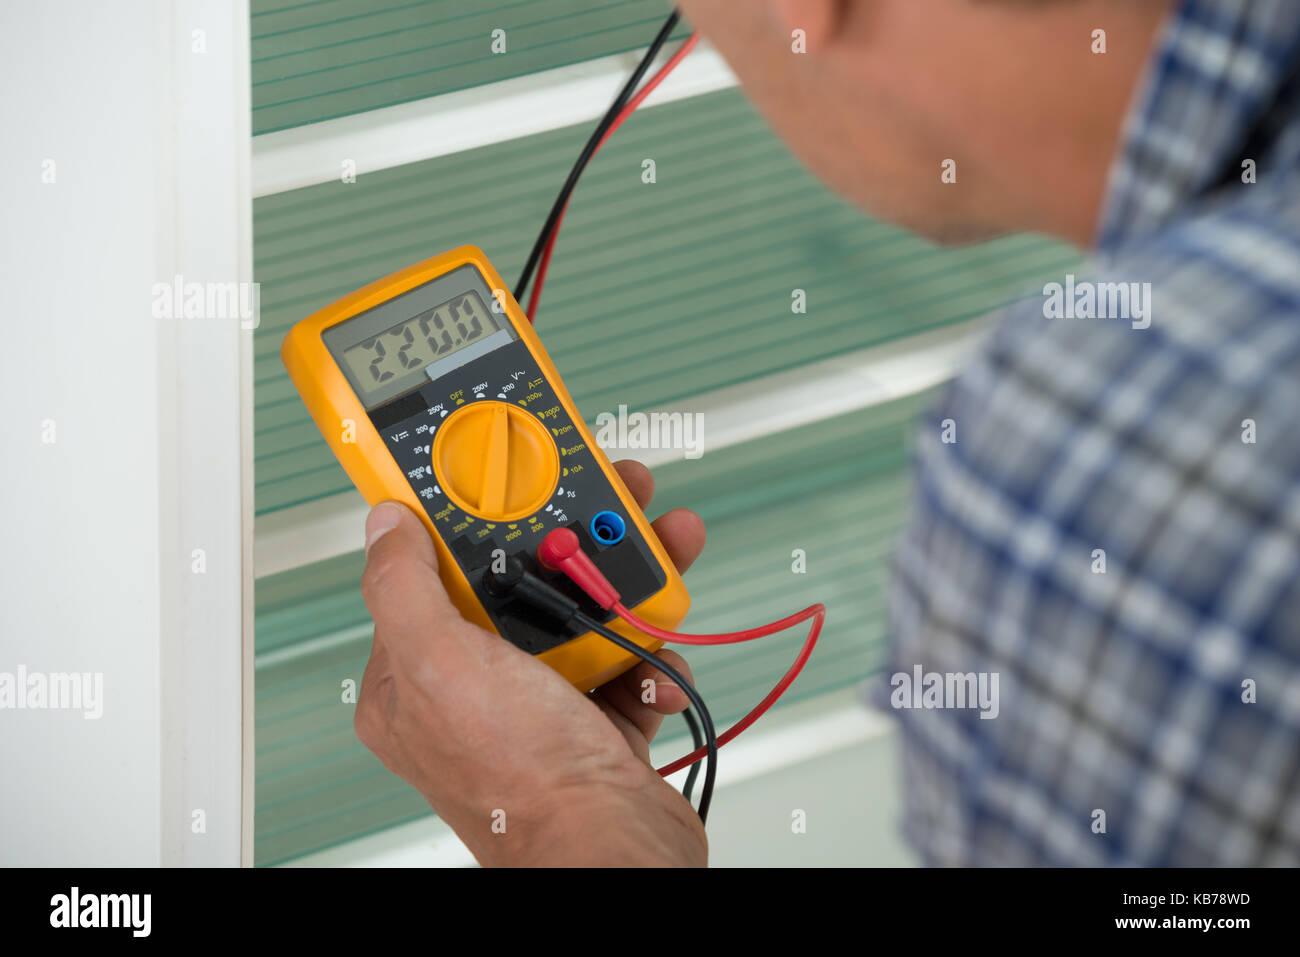 Immagine ritagliata di maschio repairman controllo frigo con multimetro digitale in casa Immagini Stock